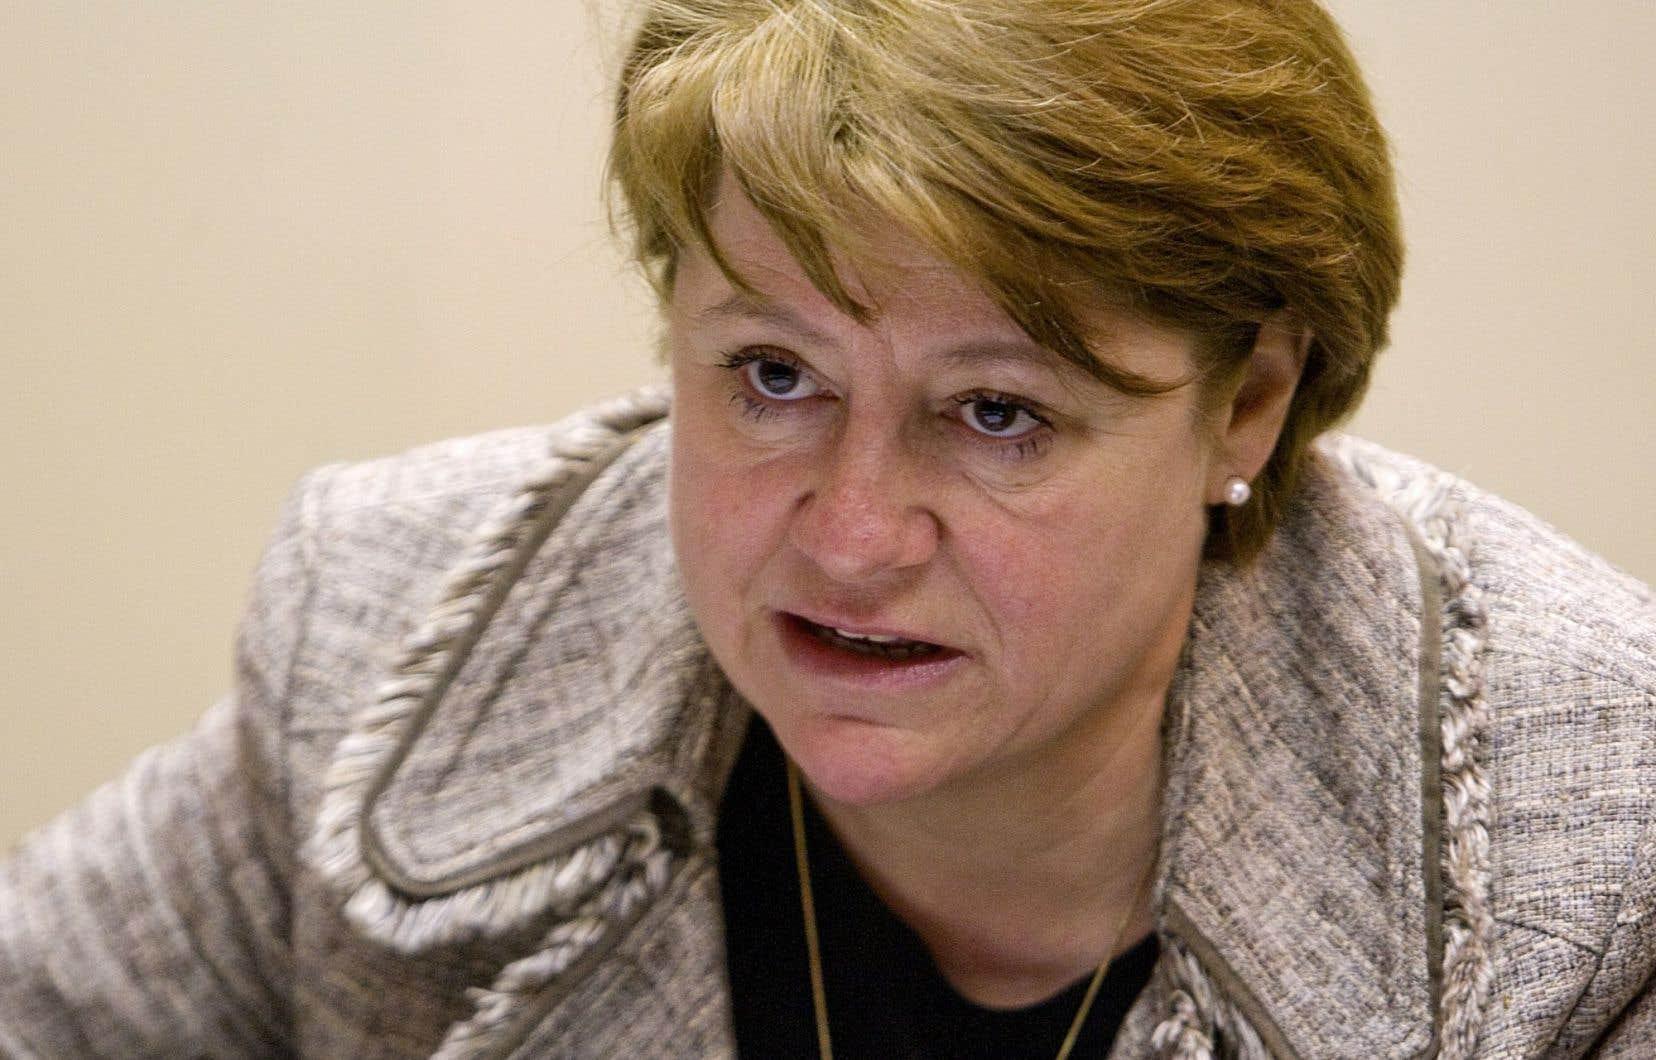 Selon Québec, l'indemnité de départ de Christiane Pelchat est équivalente à 7,65 mois de salaire, à raison d'un mois par année de service, comme prévu dans le décret du conseil des ministres qui confirmait son embauche à titre de déléguée.